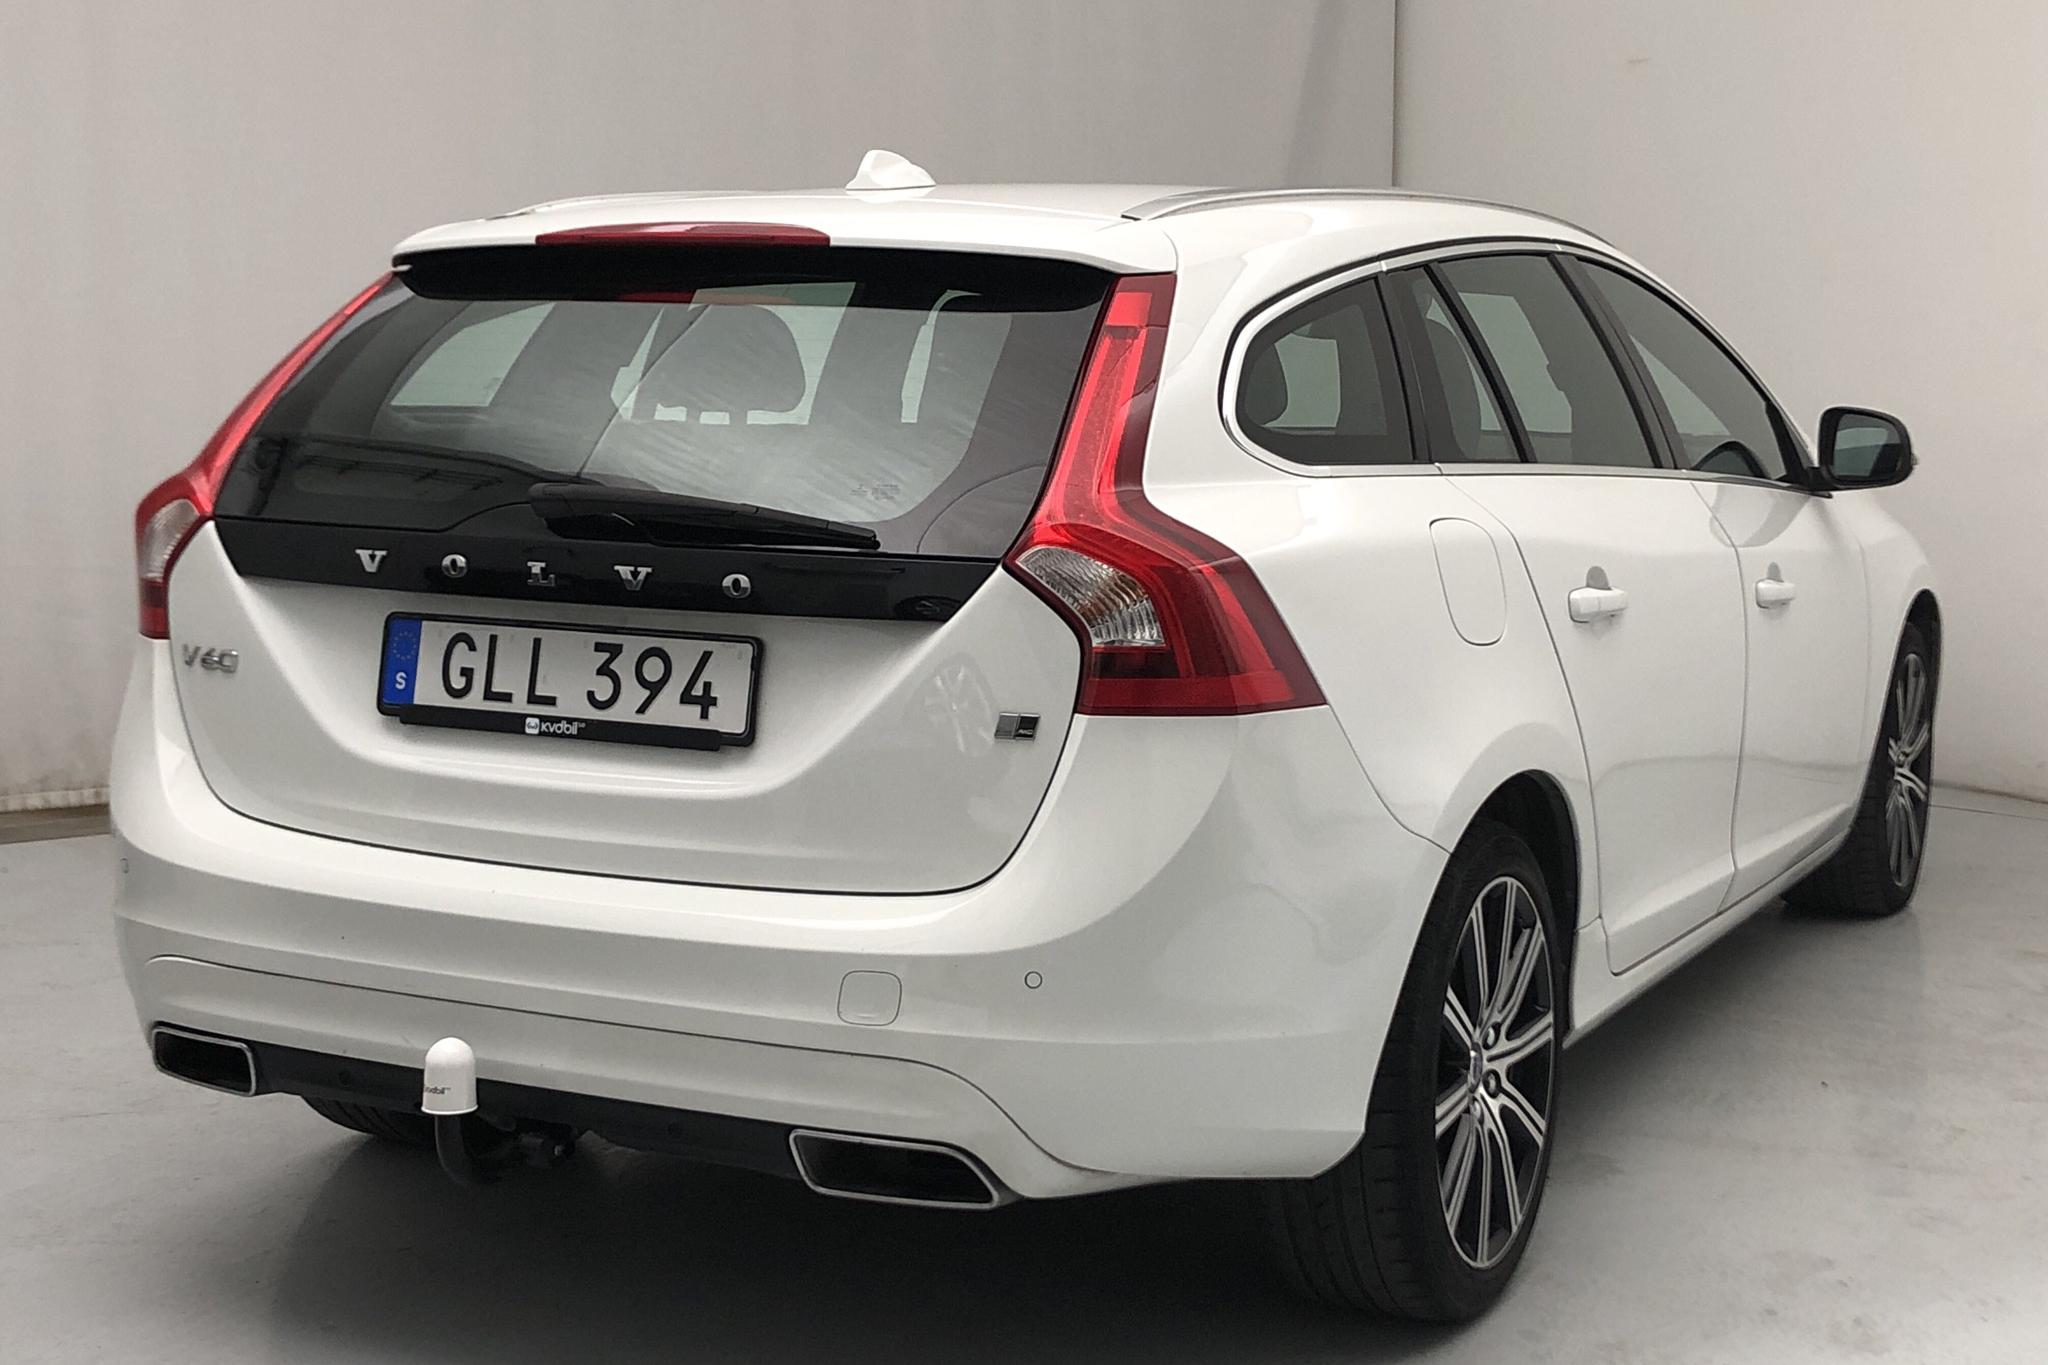 Volvo V60 D4 AWD (190hk) - 63 130 km - Automatic - white - 2018